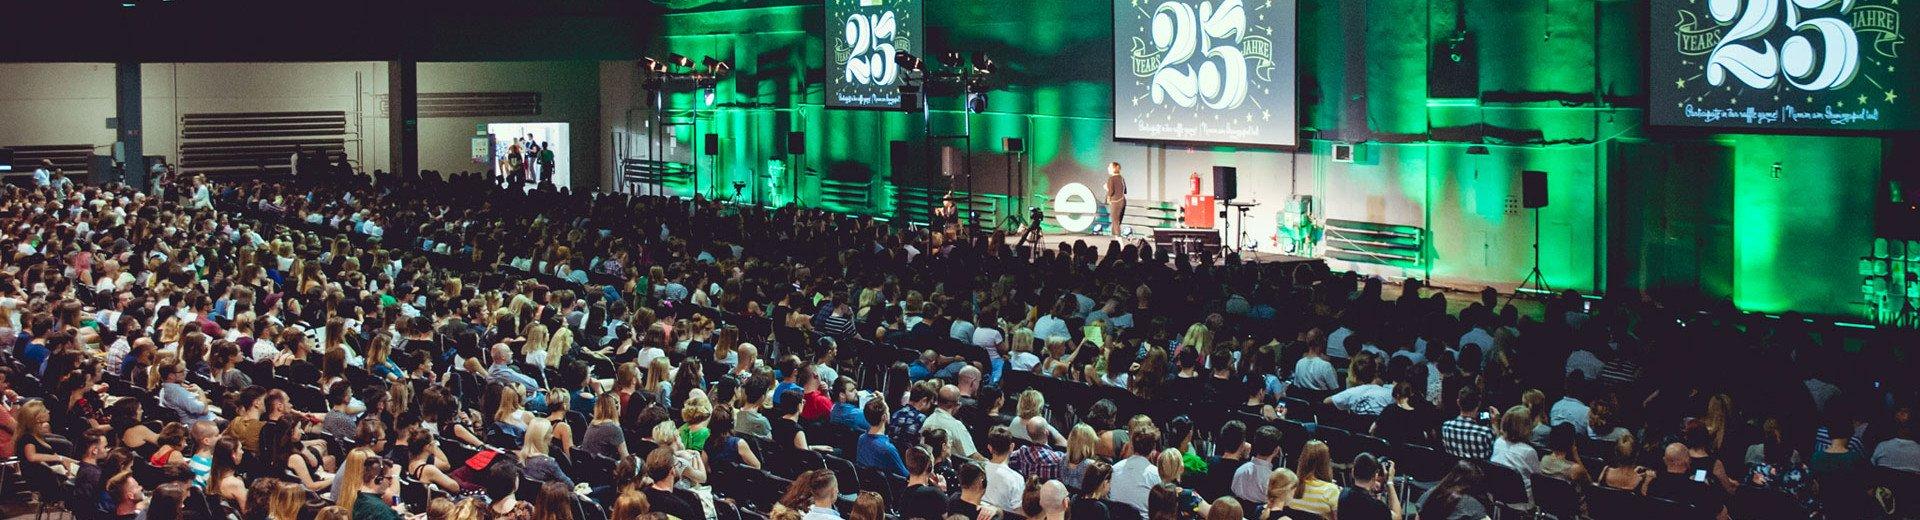 Okładka artykułu Wygraj wejściówkę na Element Talks! — Spotkajmy się w Warszawie 8 i 9 czerwca